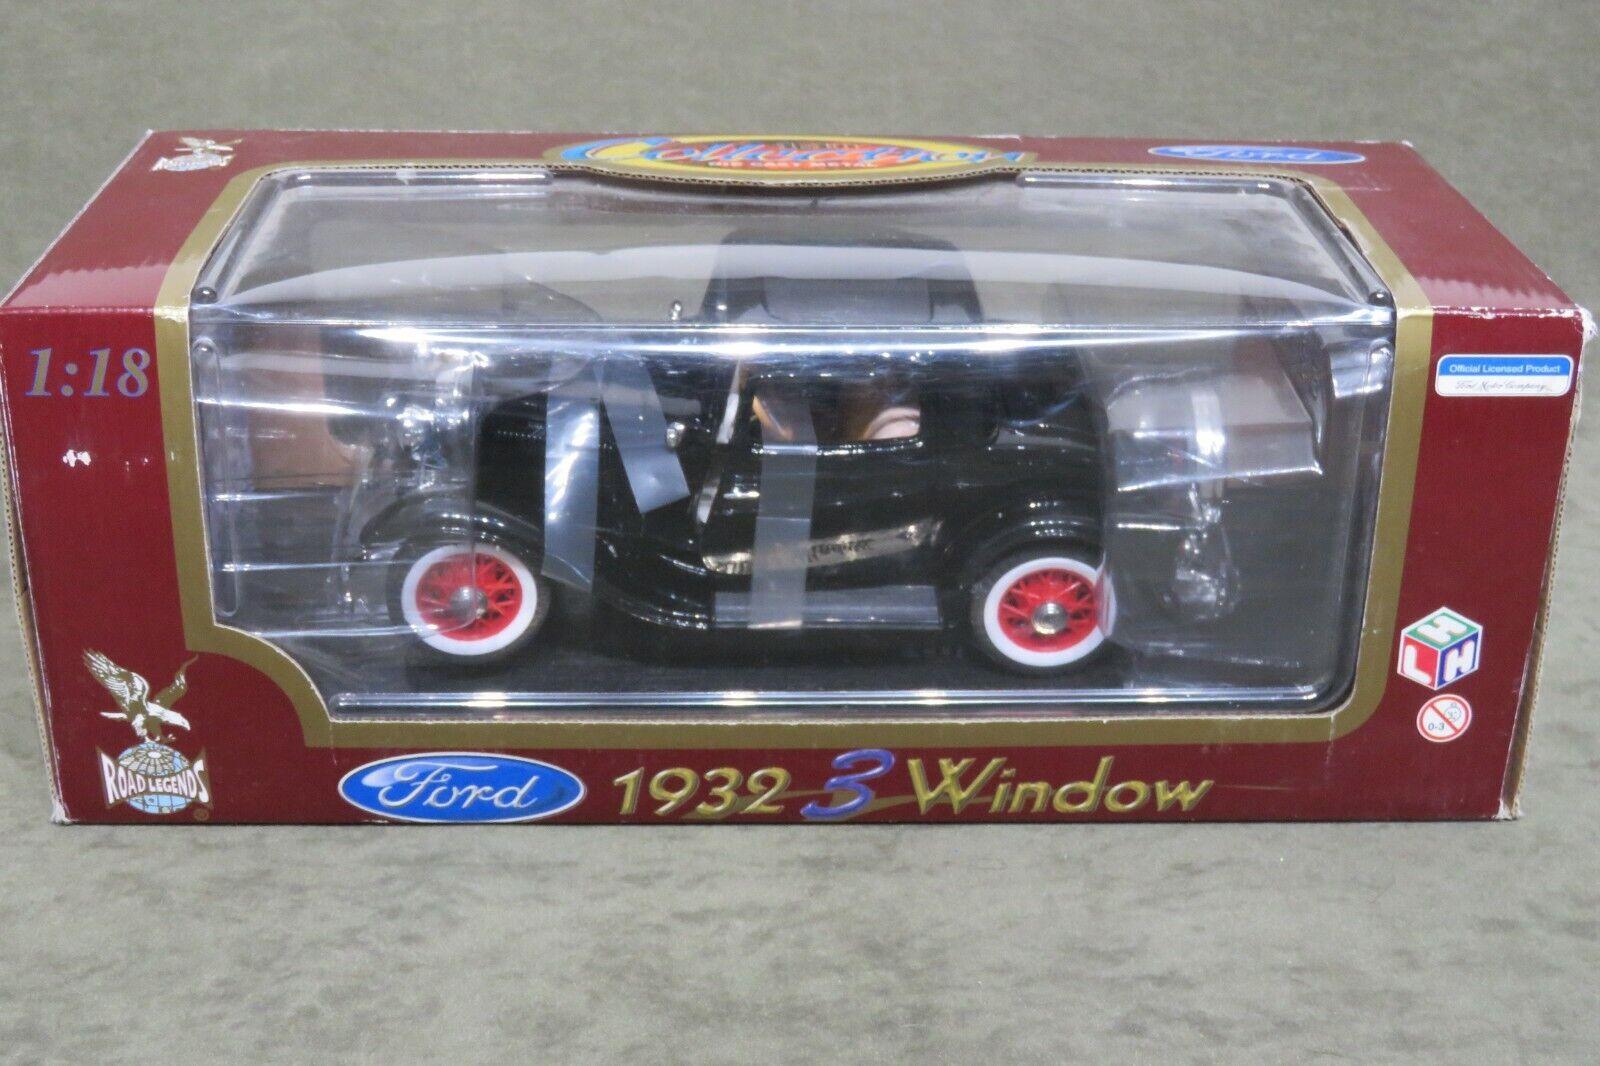 grandes ahorros Road Legends Legends Legends 1932 Ford 3 Window Coupe Negro 1 18 escala no. 92248  orden en línea